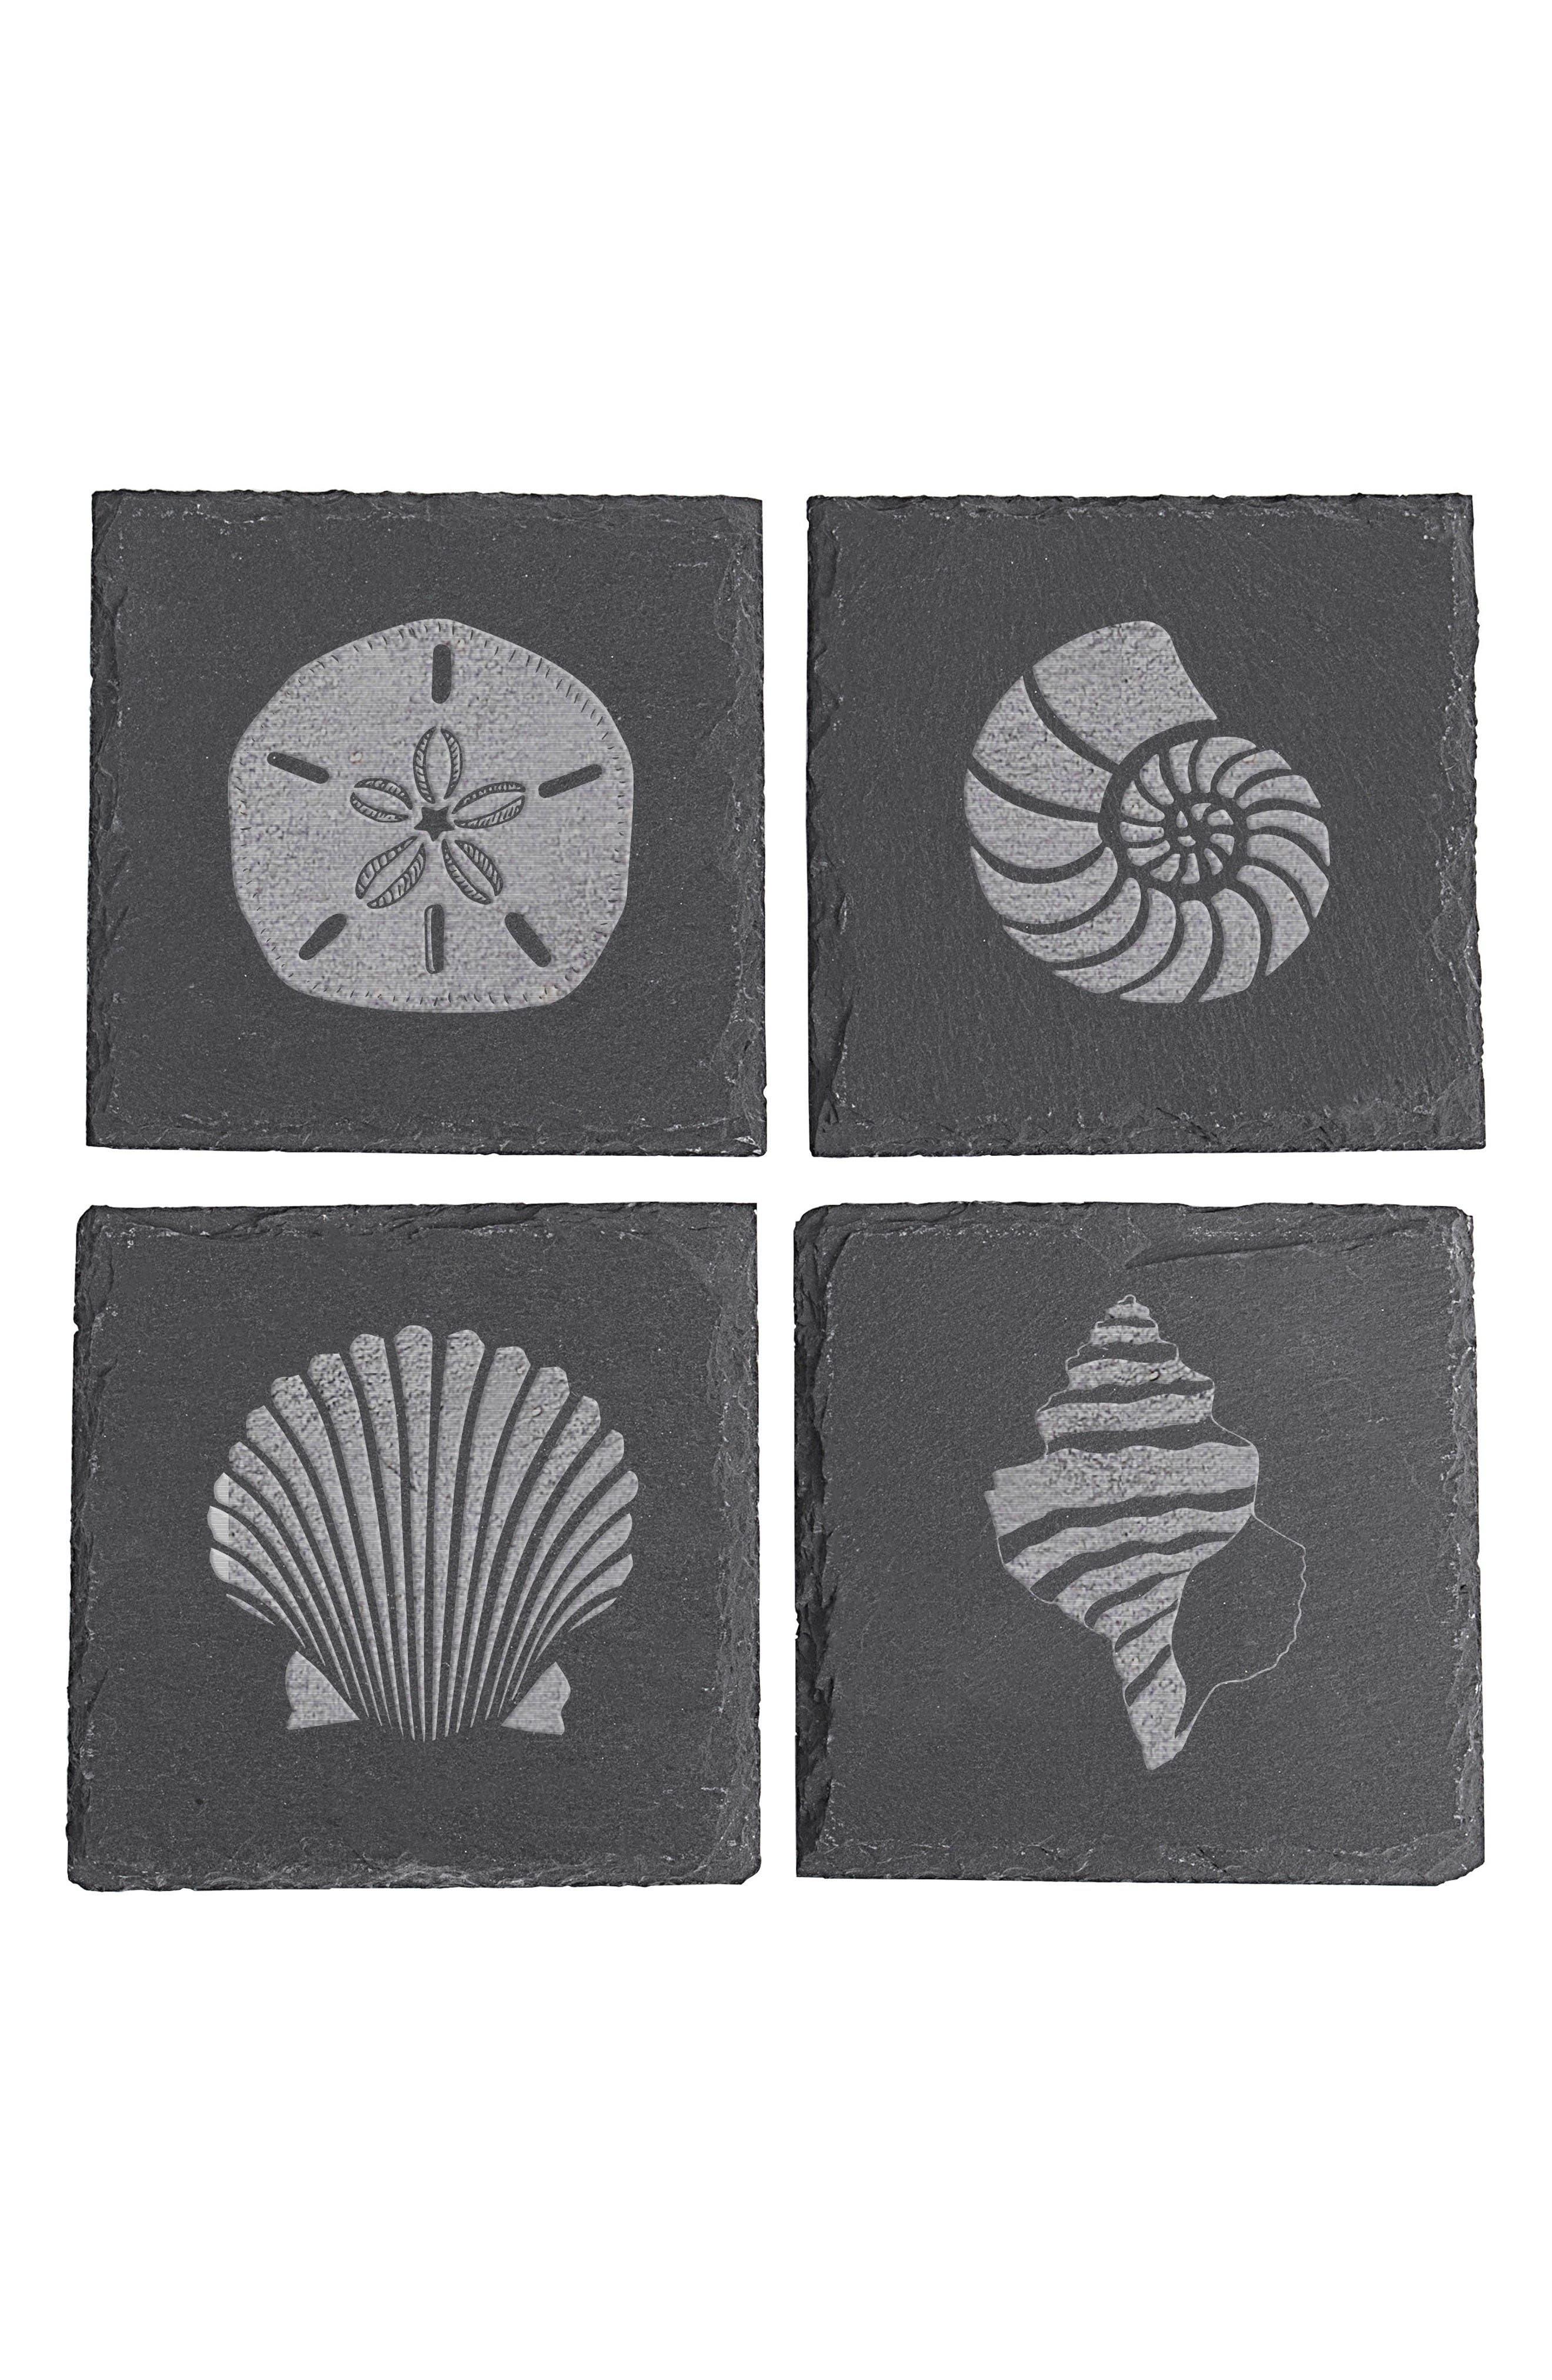 Set of 4 Slate Coasters,                             Main thumbnail 1, color,                             Sea Shell